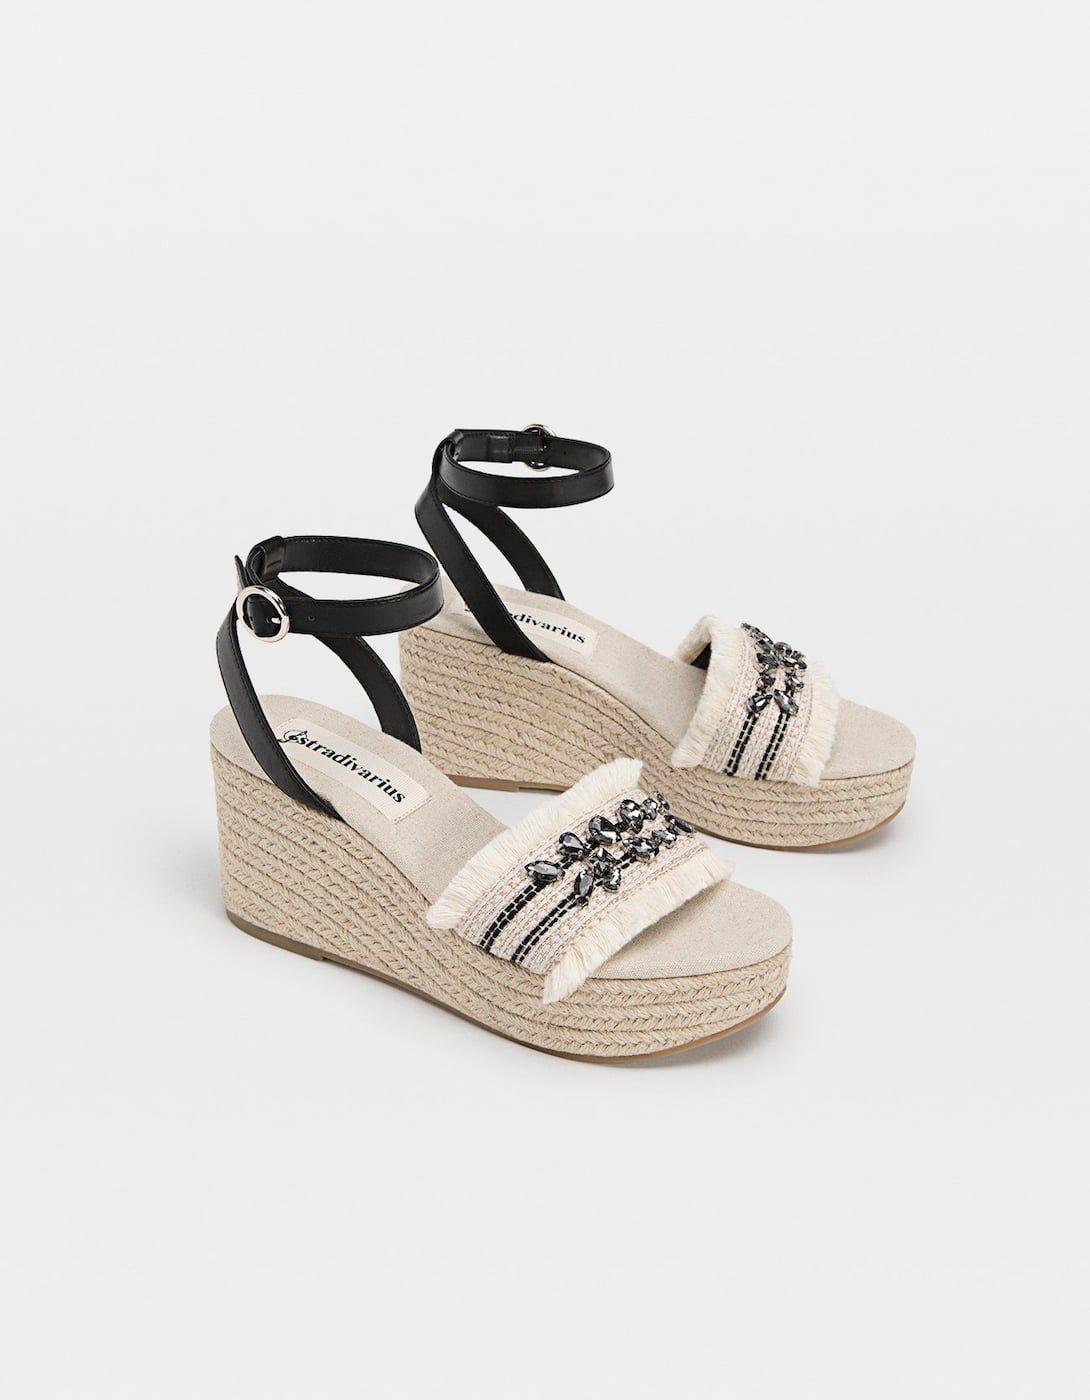 En Y Zapatos 2019Moda Cuñas Joyas Yute YuteStradivarius XiZPuk